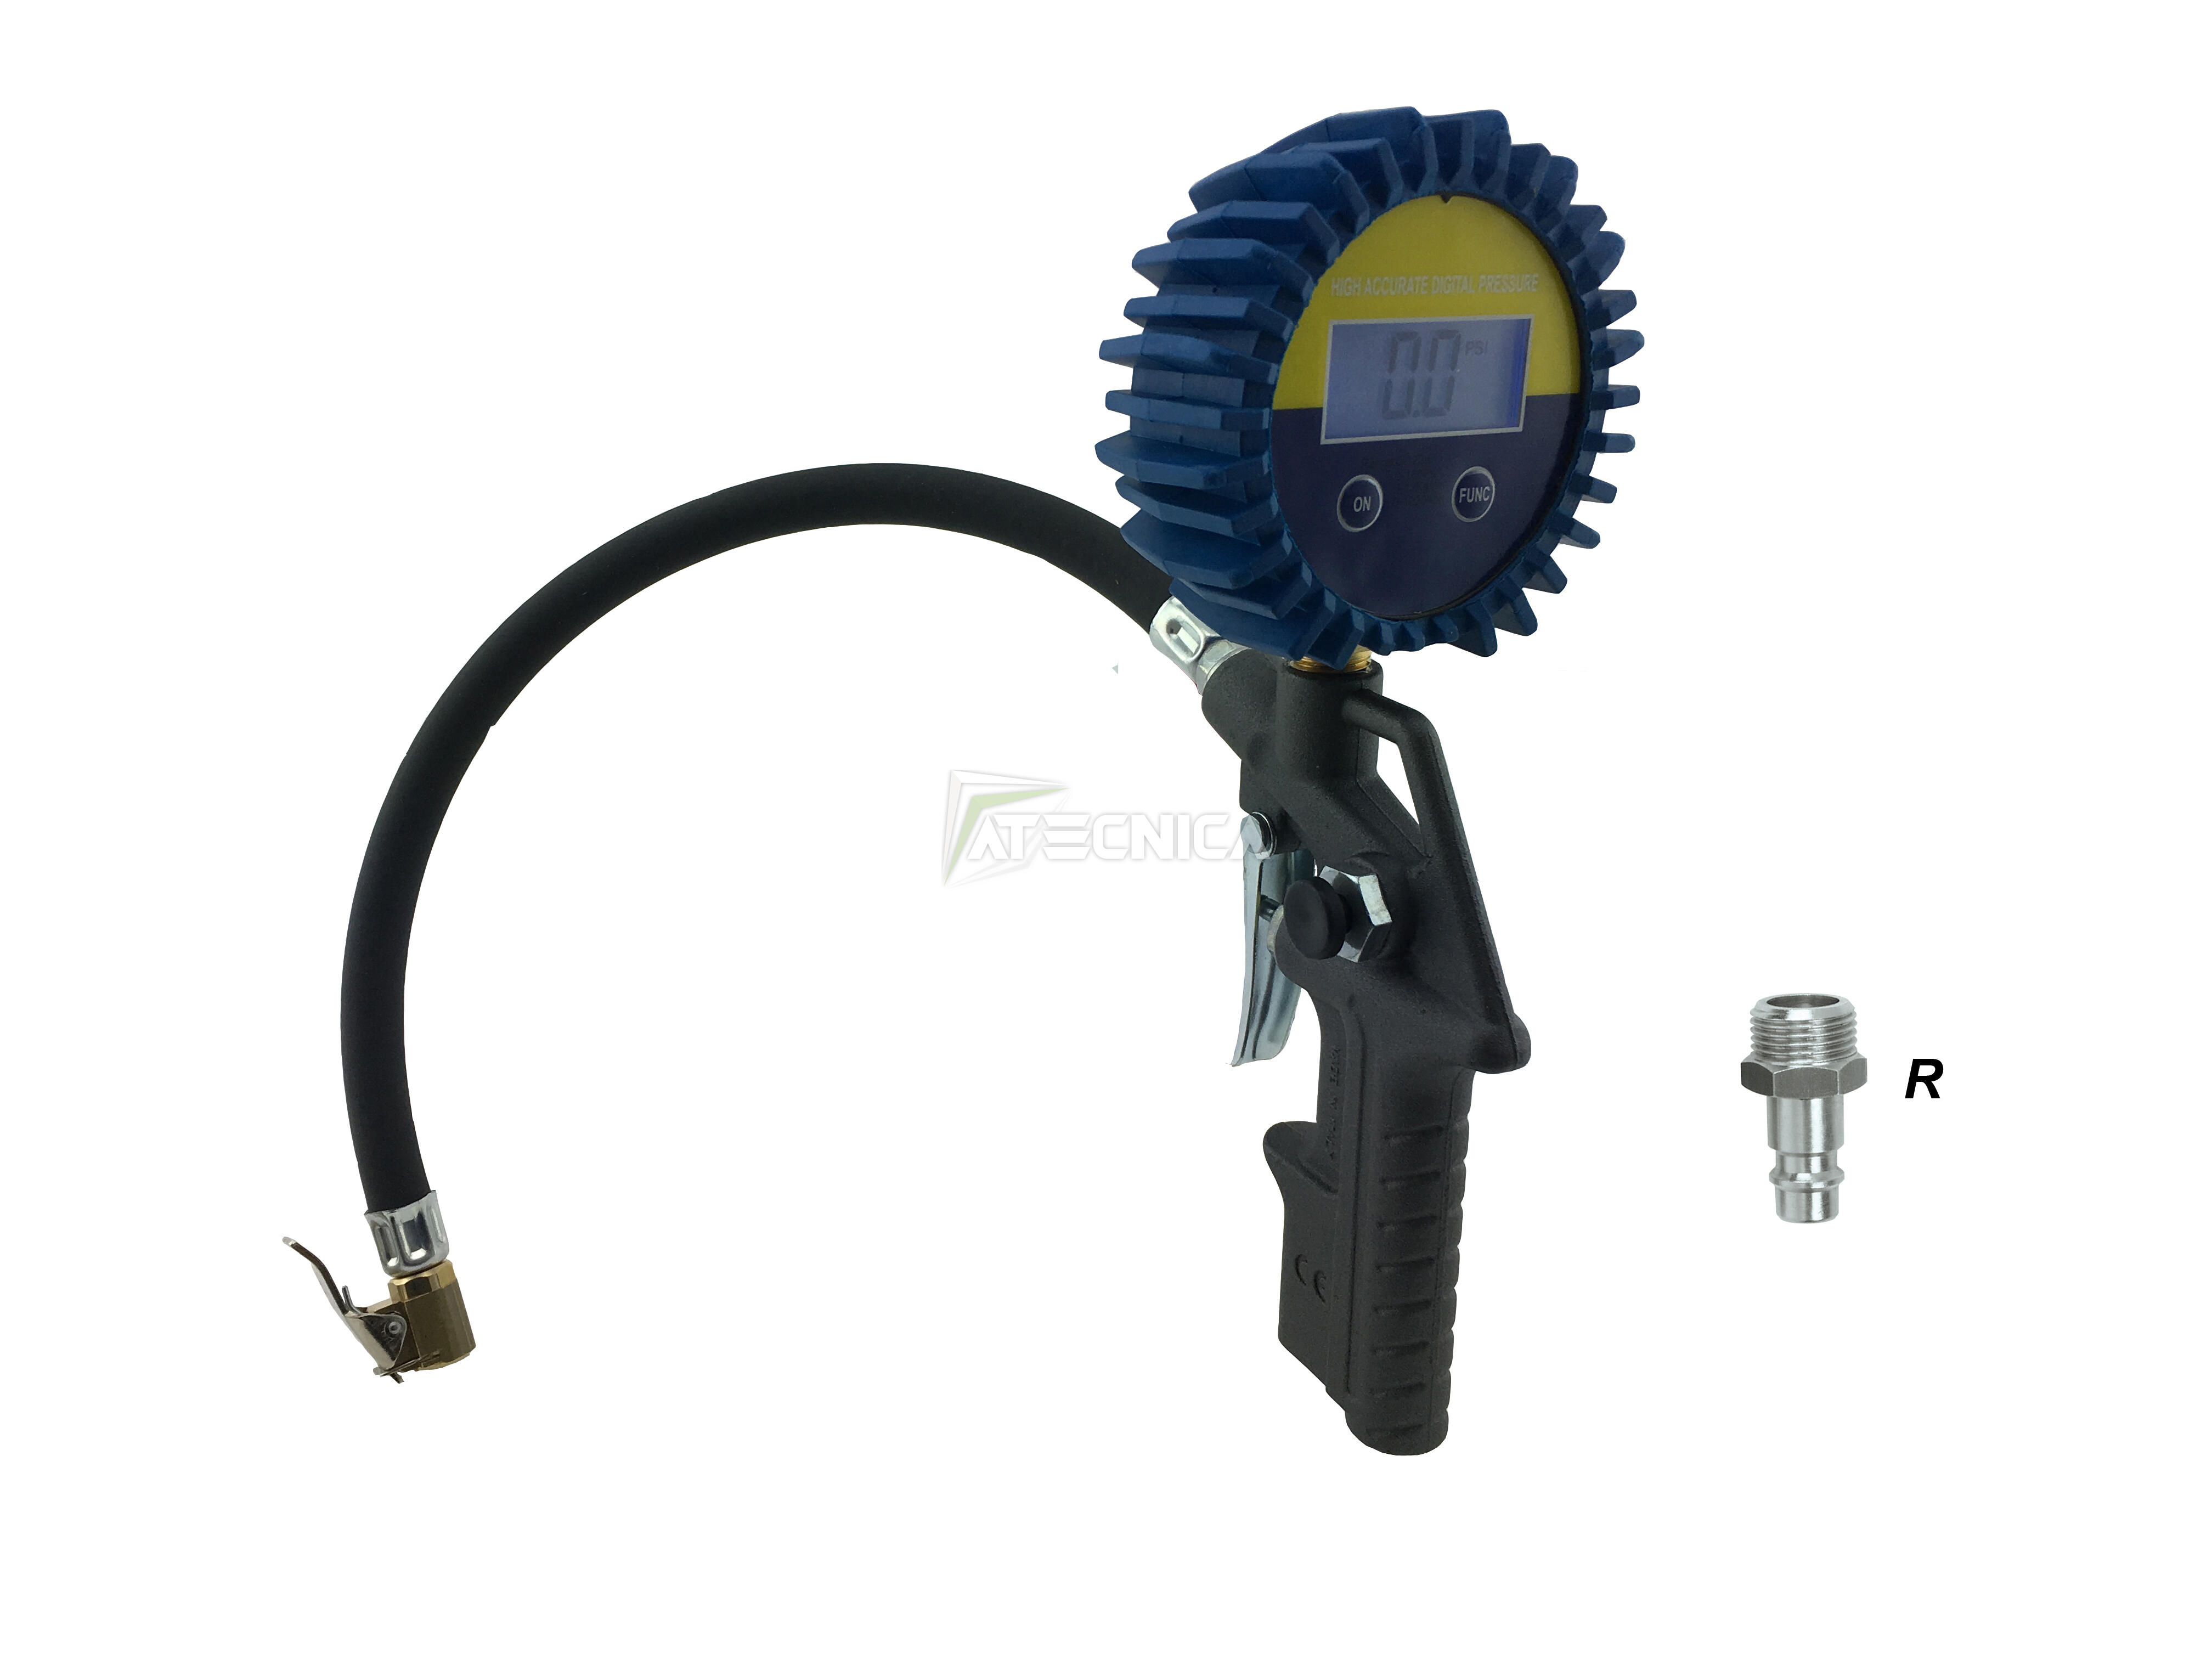 Pistola di gonfiaggio aria compressa 53DG manometro DIGITALE pneumatici gomme R